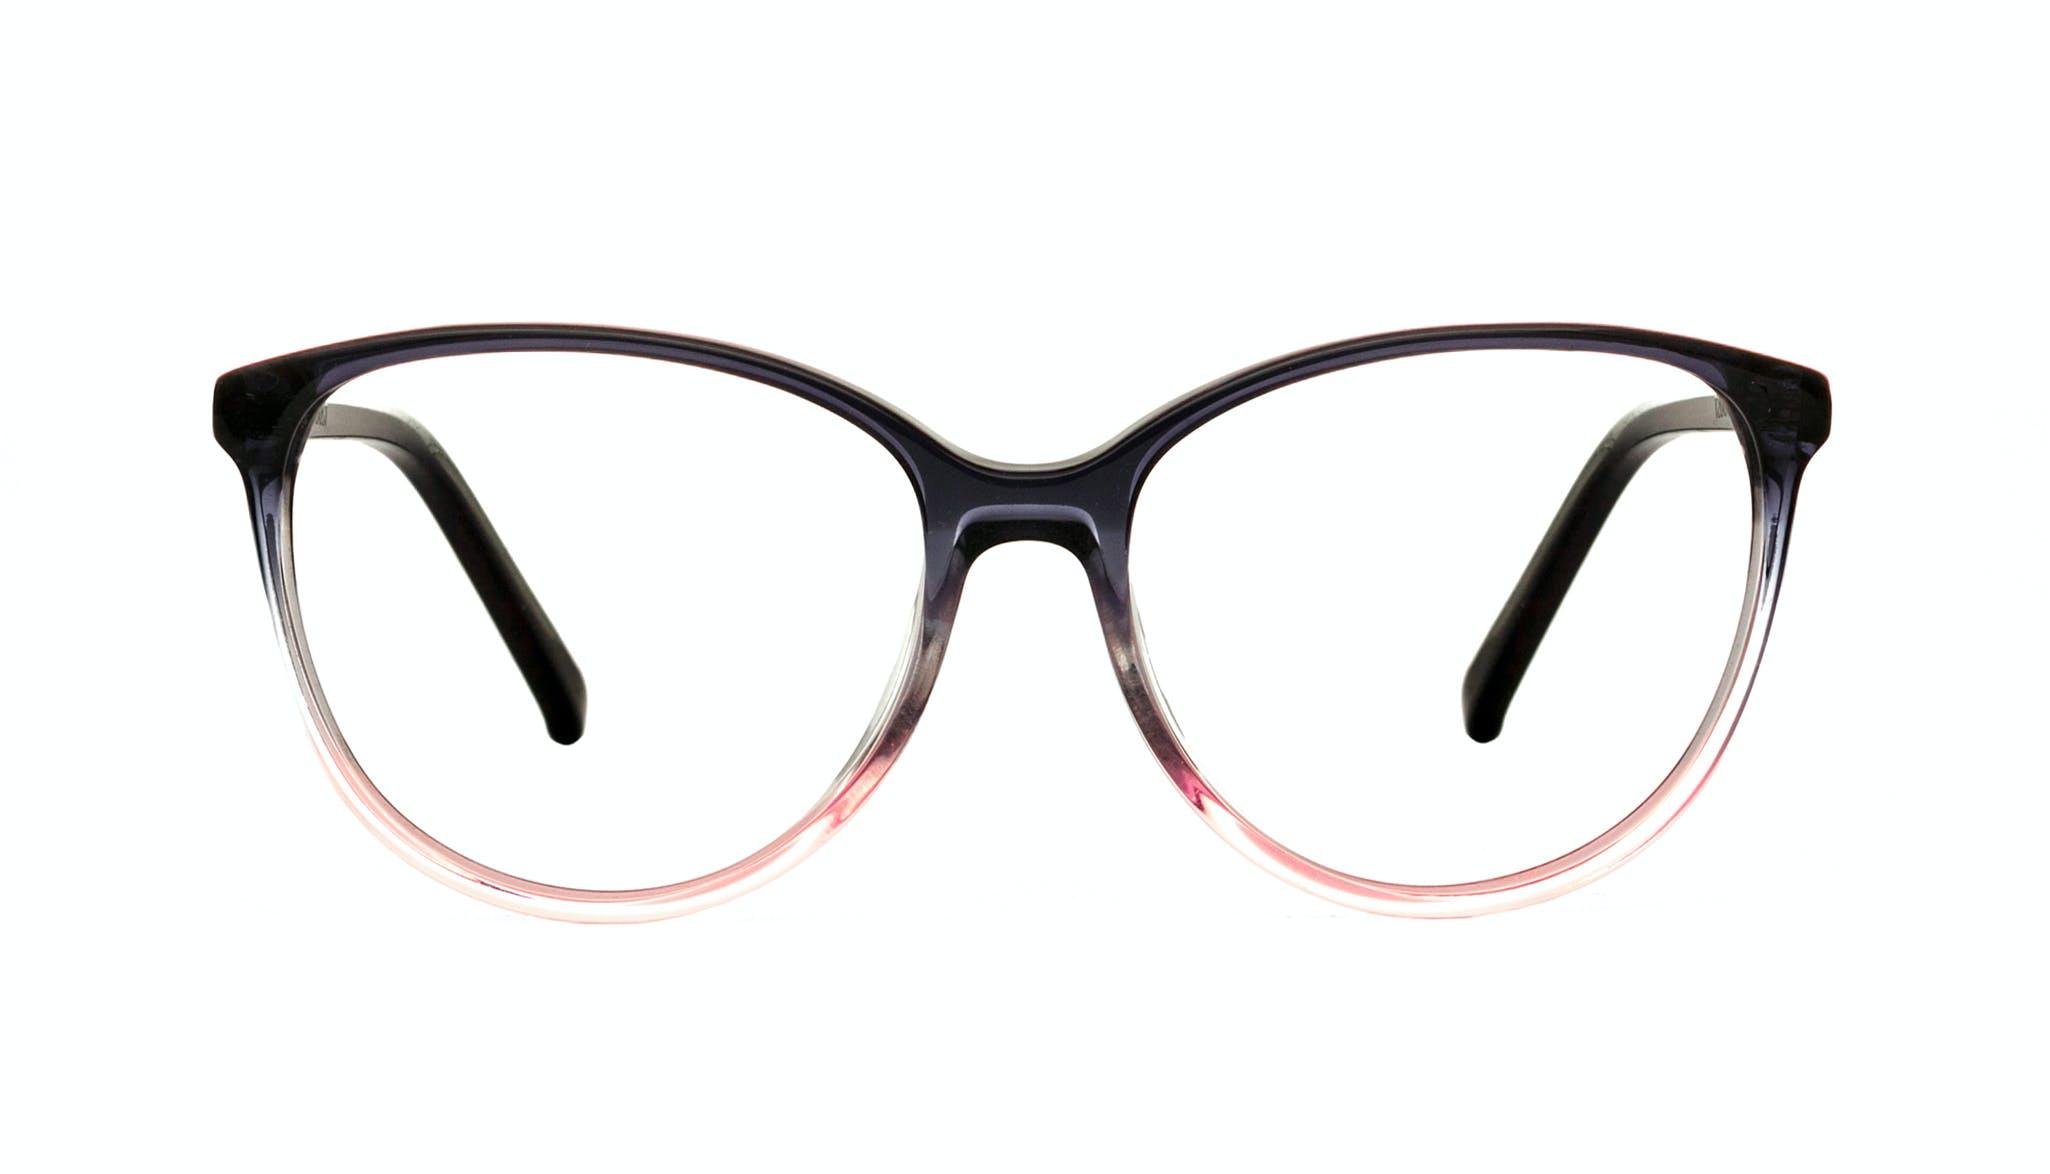 Lunettes tendance Oeil de chat Ronde Lunettes de vue Femmes Imagine Pink Dust Face